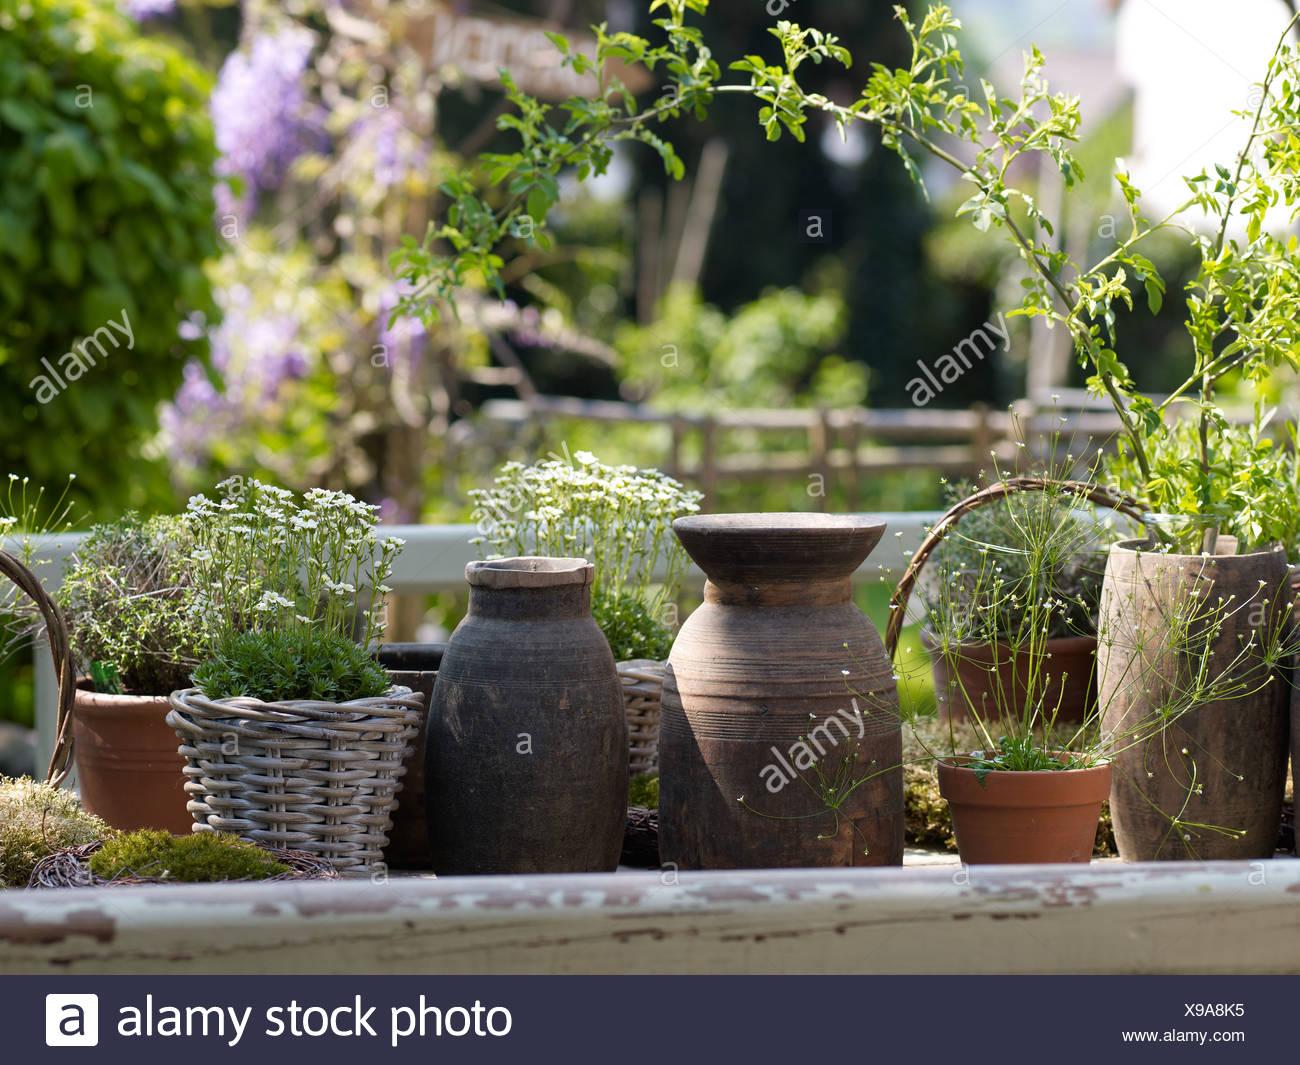 Garten Und Keramik : Stilleben Alte Keramik Vasen Und Blumentöpfe Gemacht  Von Korbwaren